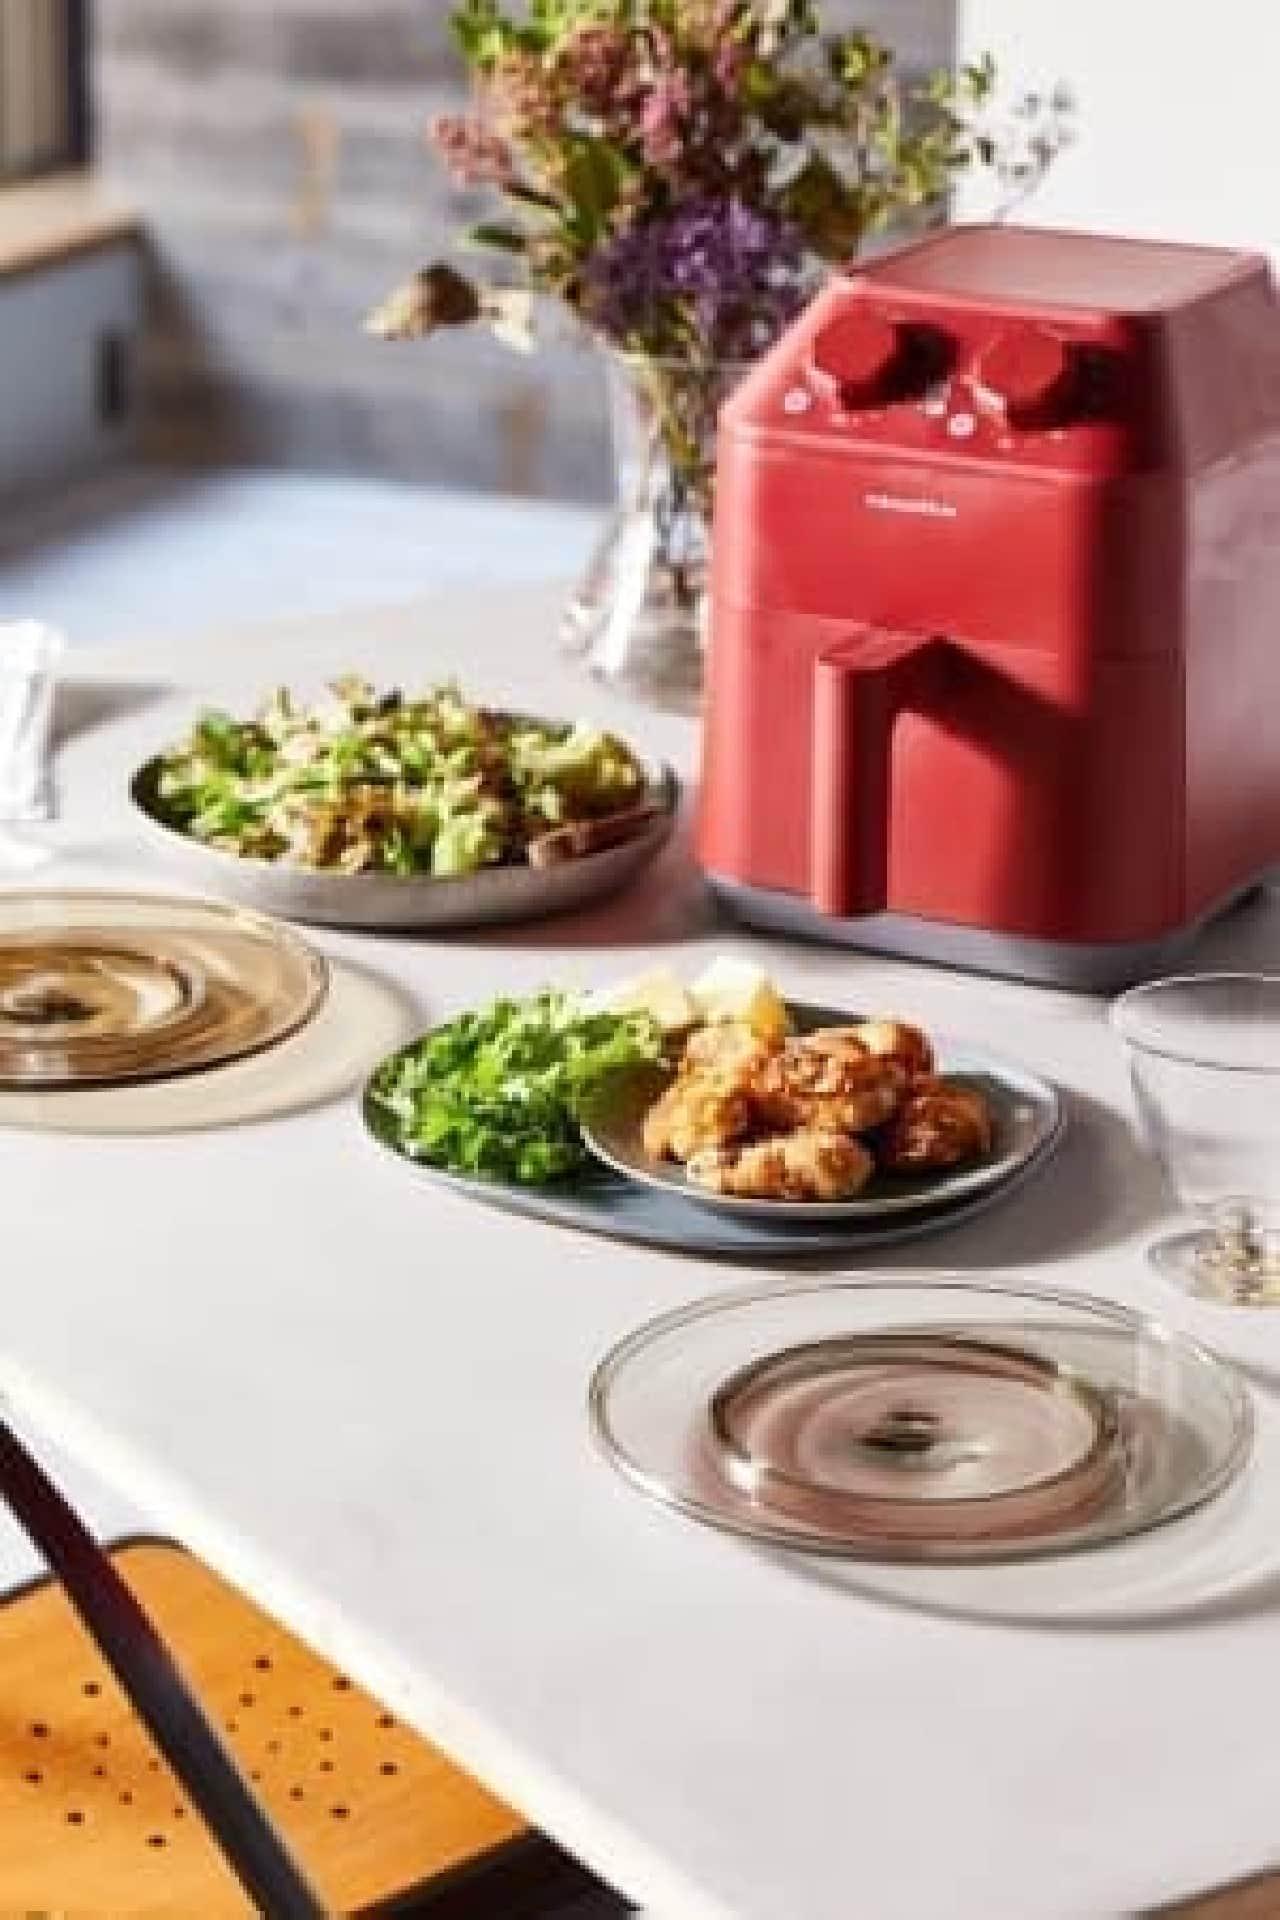 コンパクトなノンフライ調理家電がレコルトから--唐揚げやカツをヘルシーに、オーブン代わりにも